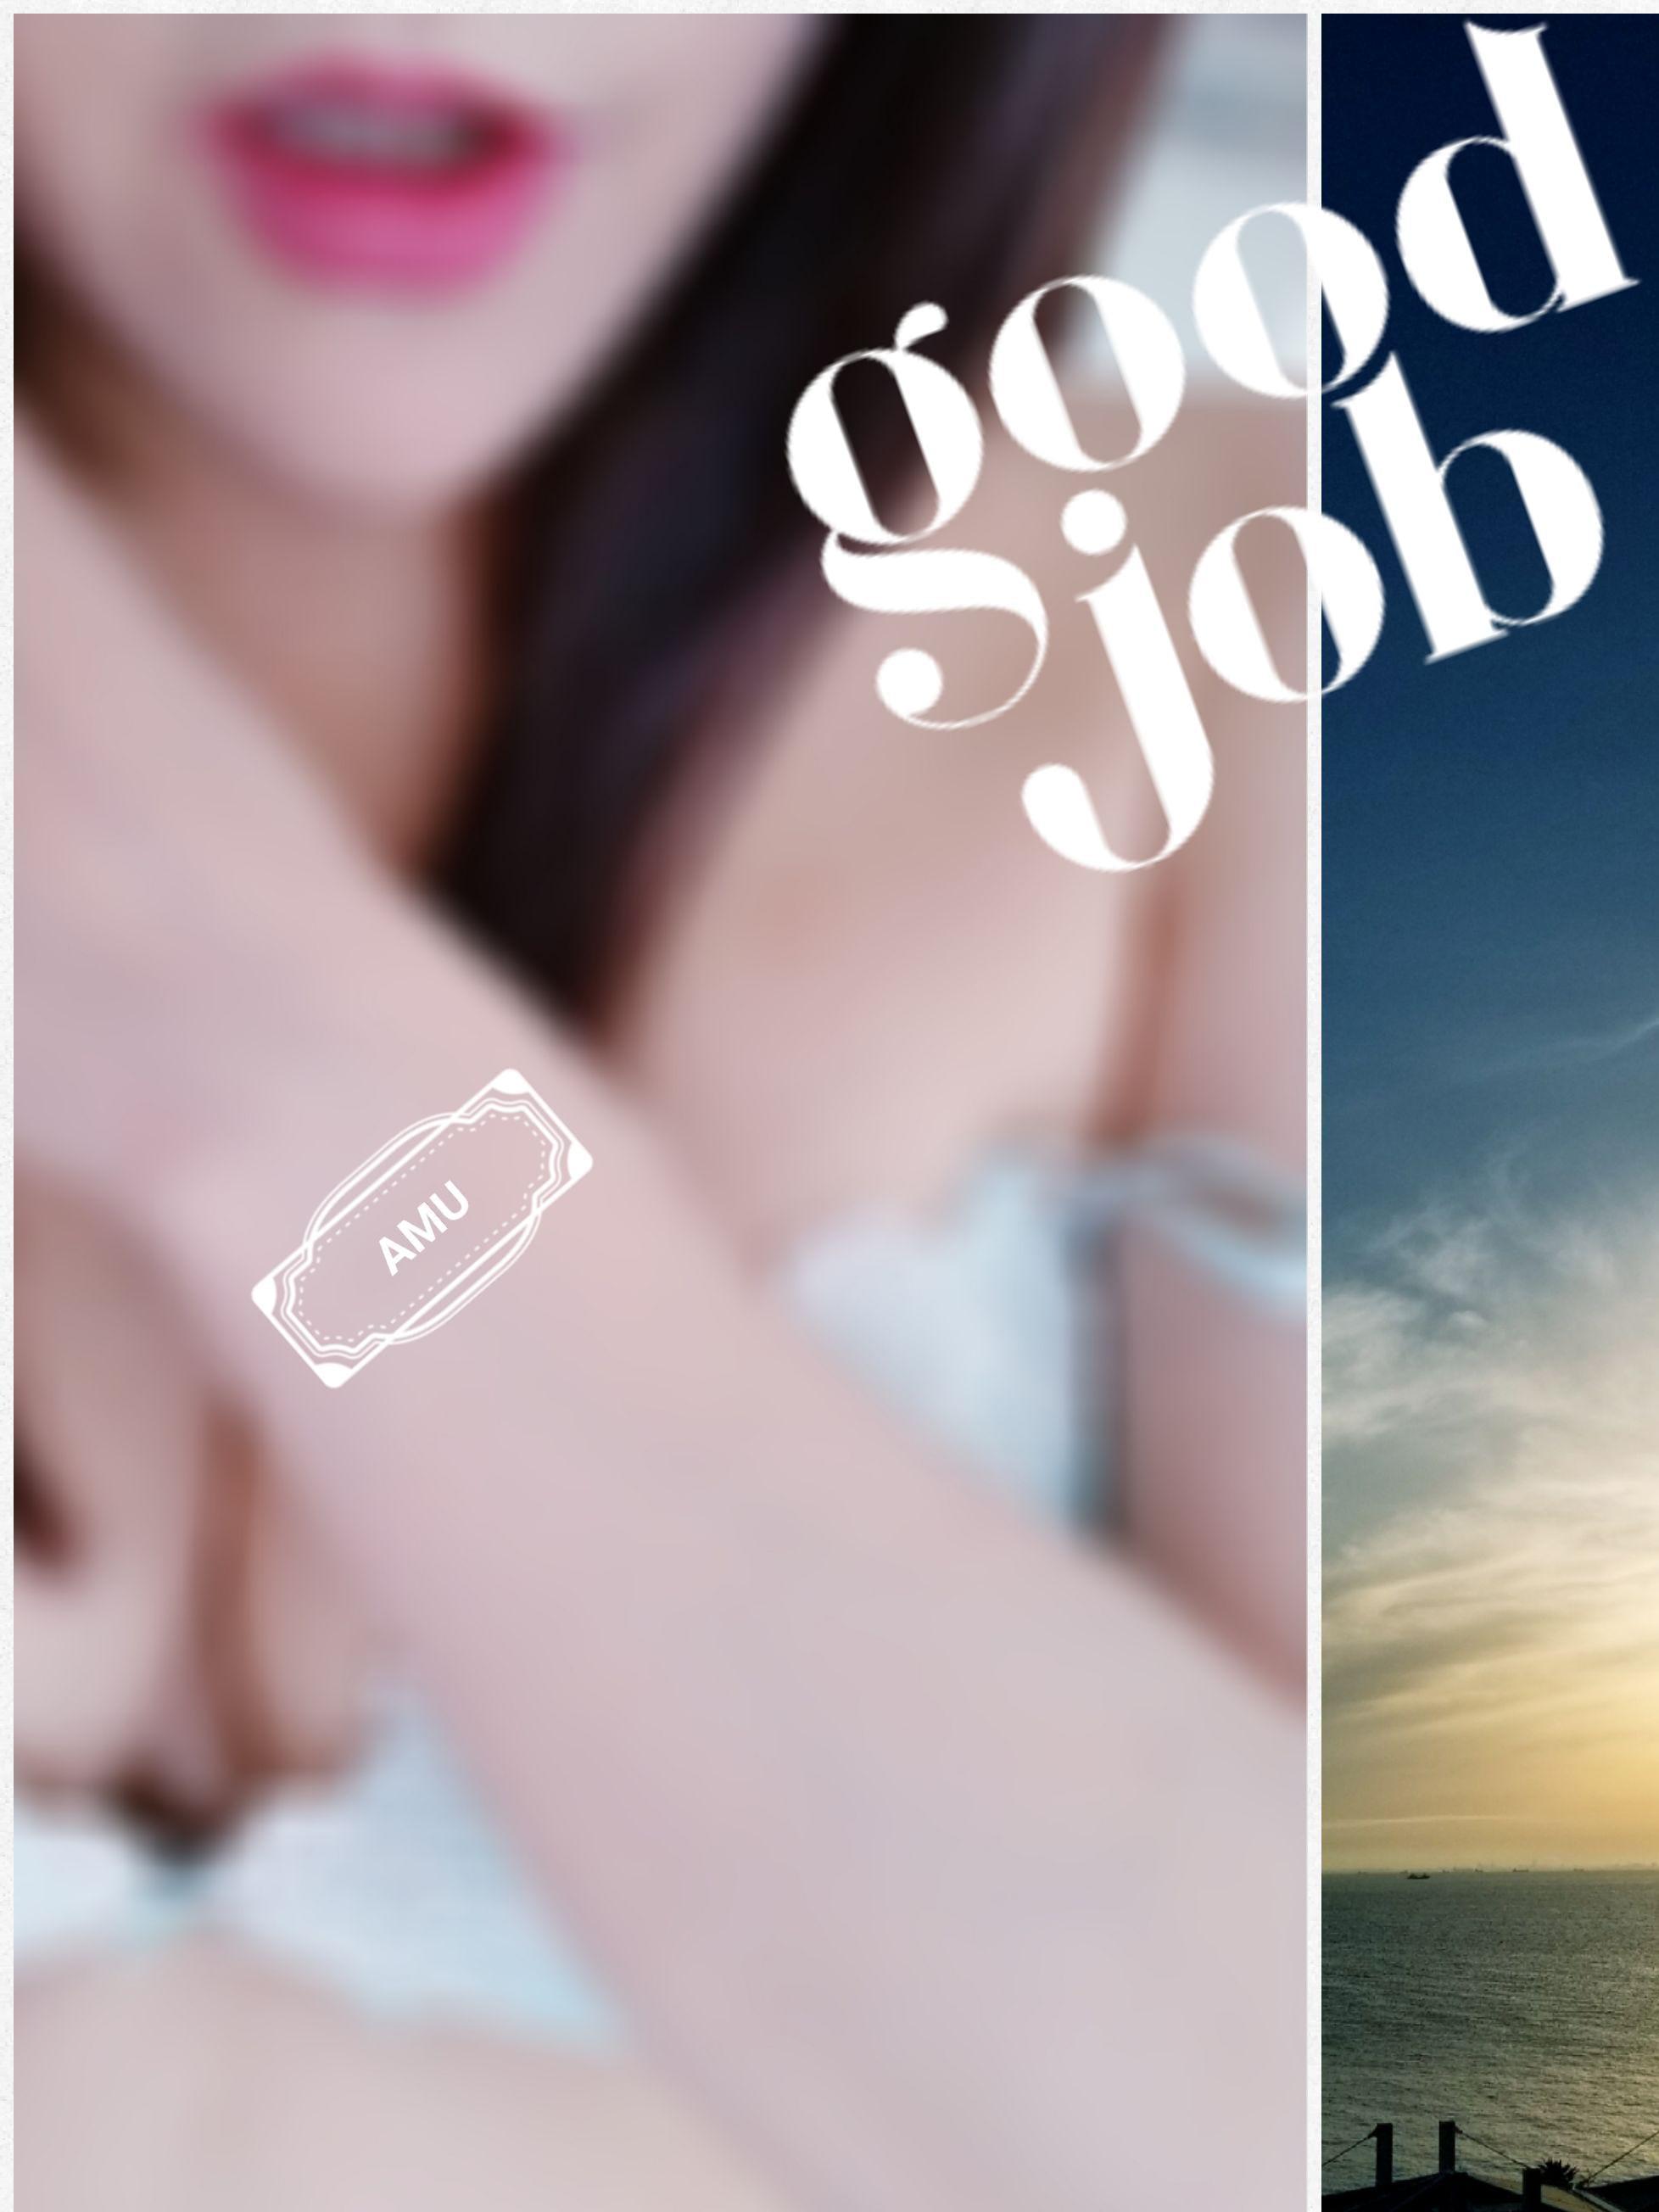 あむ「昨日の出会い感謝♡」06/25(月) 09:49 | あむの写メ・風俗動画